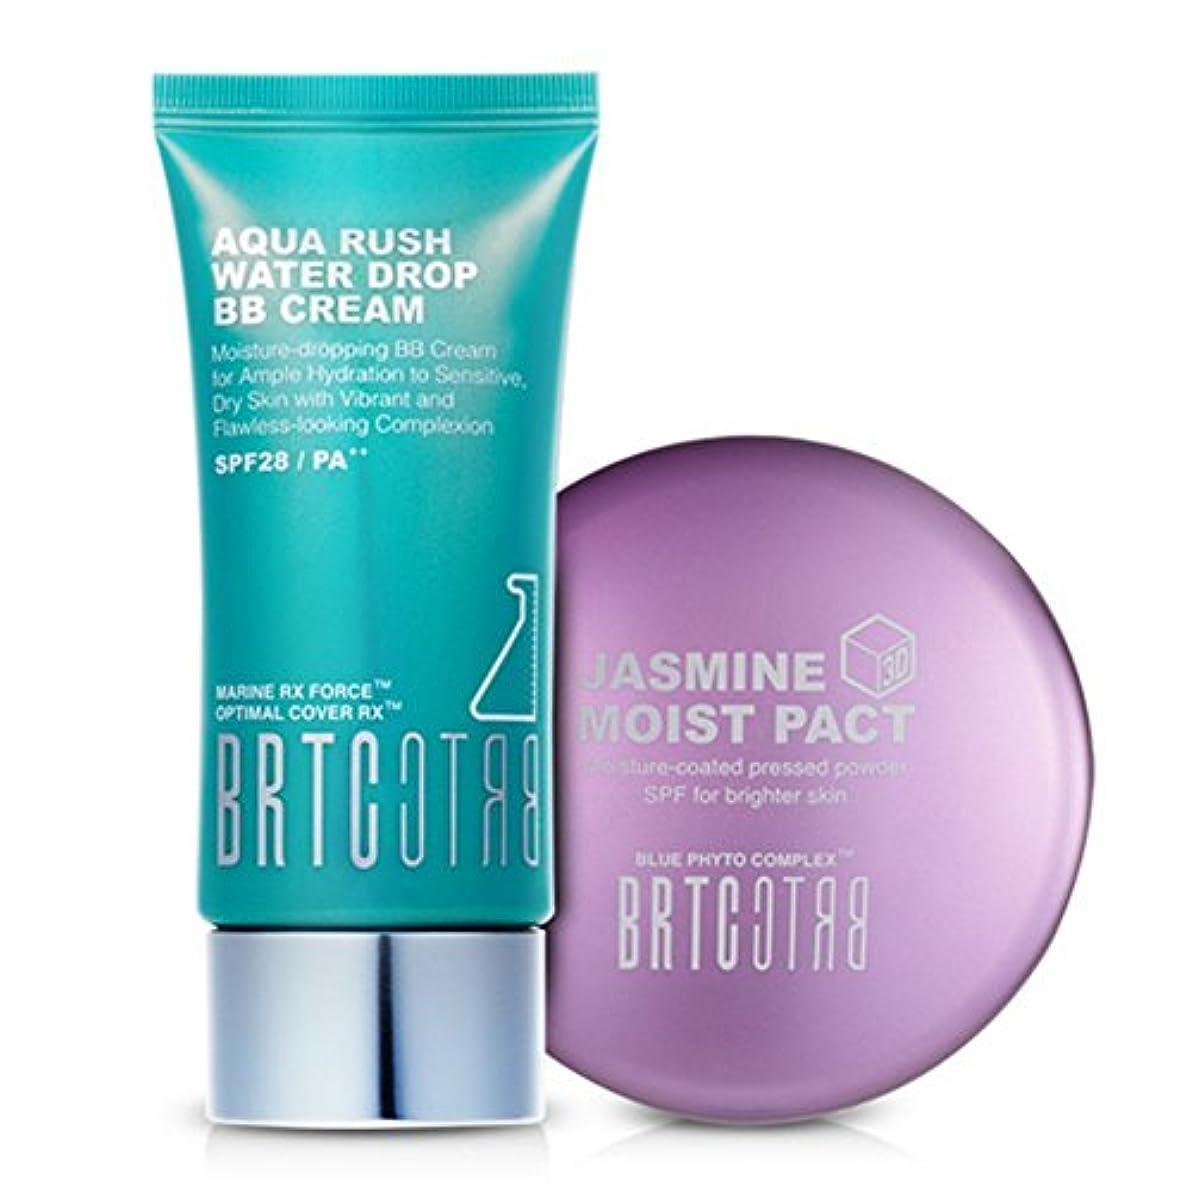 速いクランプデザイナー【BRTC/非アルティ時】Whitening&Moisture Make Up Set アクアラッシュビビ ファクト2種set [BB Cream+ Moist Pact Set](海外直送品)